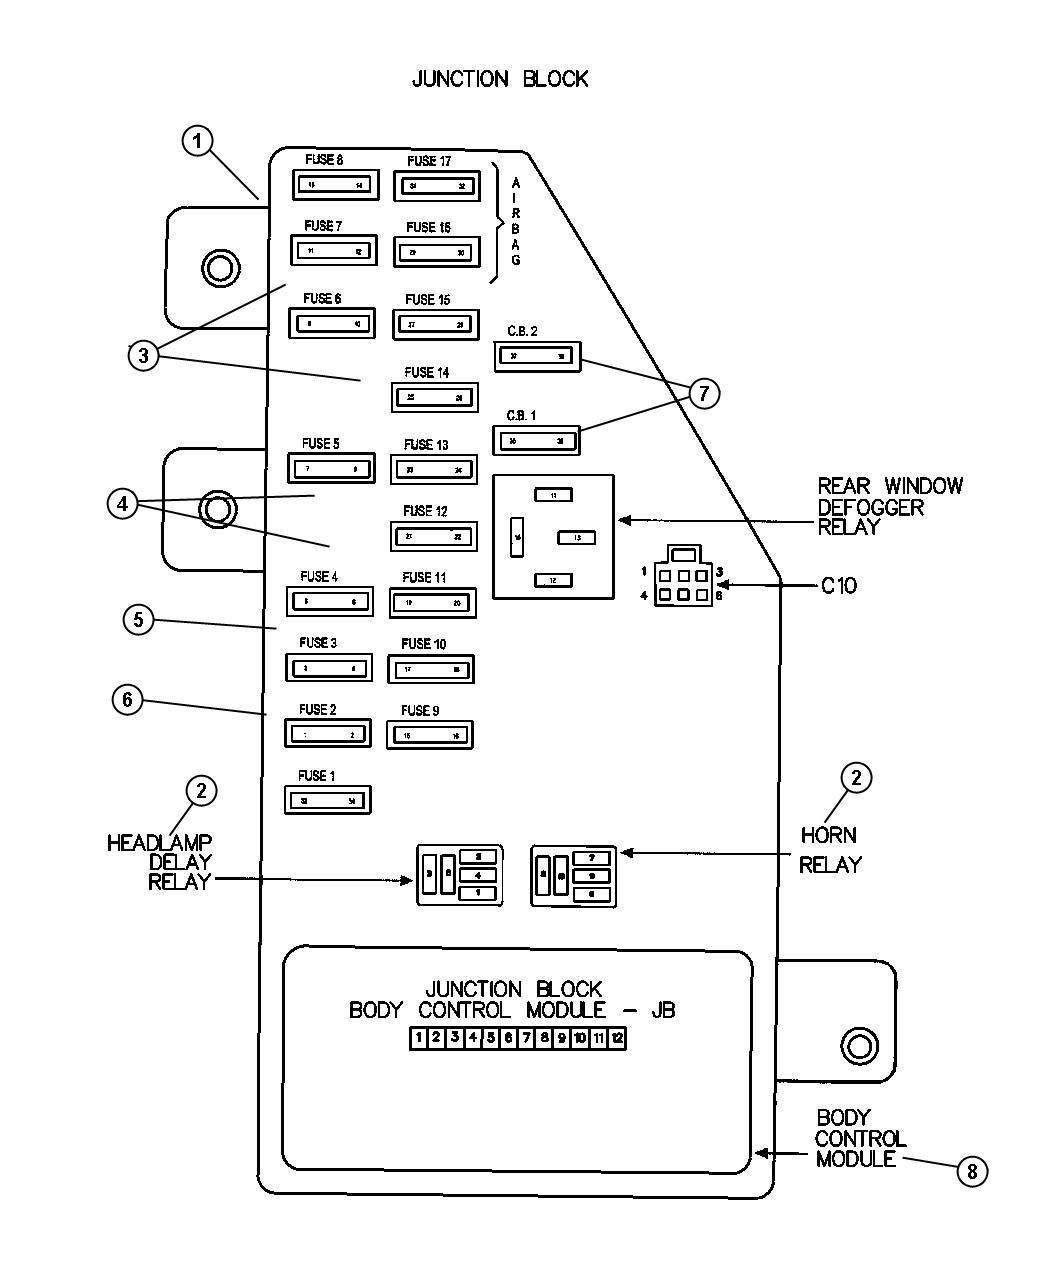 Mitsubishi Eclipse Fuse Box Diagram Diagram